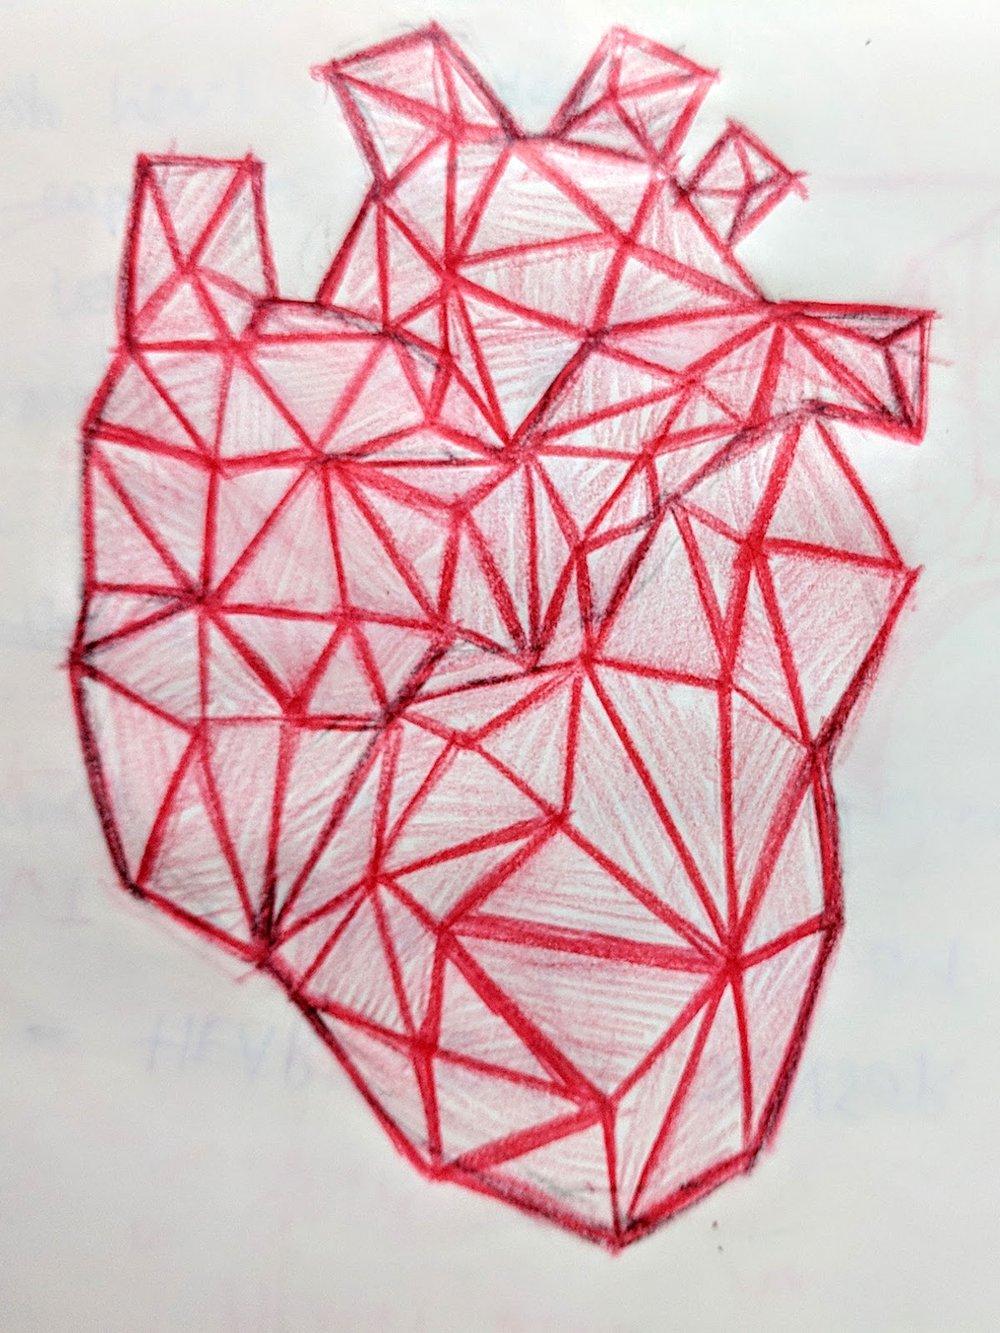 W9_heart embroidery sketch.jpg